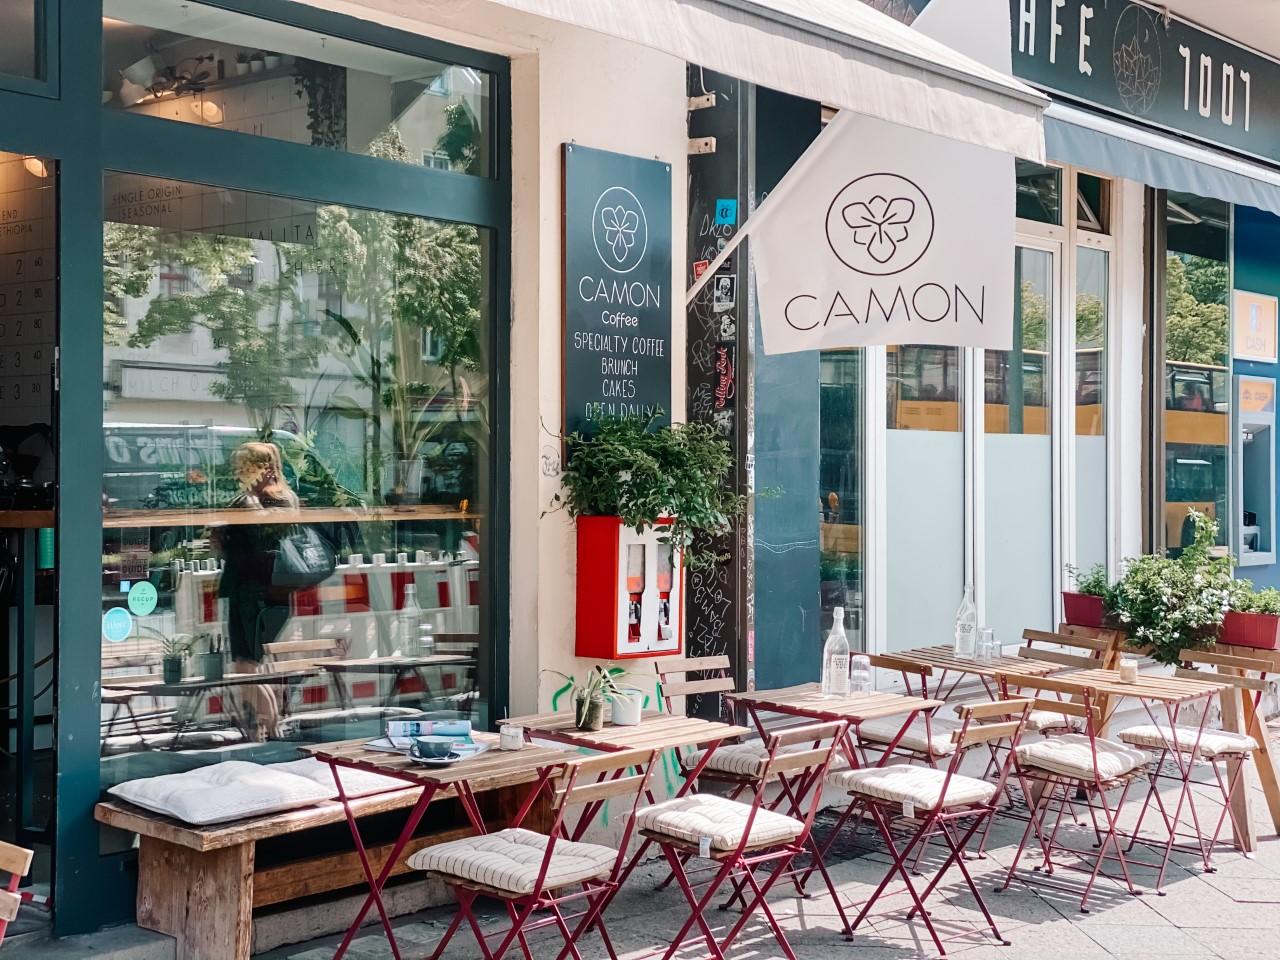 Cafés Berlin Die schönste Terrasse auf der Sonnenallee: Die leckeren Spezialitäten des Camon Coffee lassen sich auch vor dem Coffeeshop in der Sonne genießen.